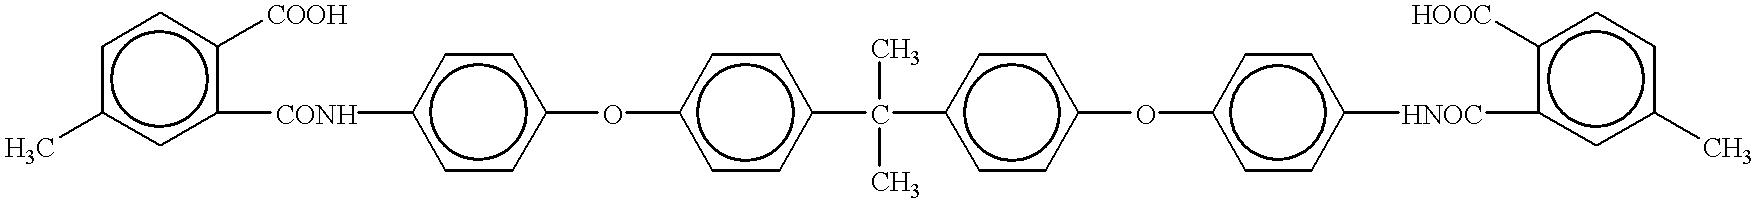 Figure US06180560-20010130-C00452